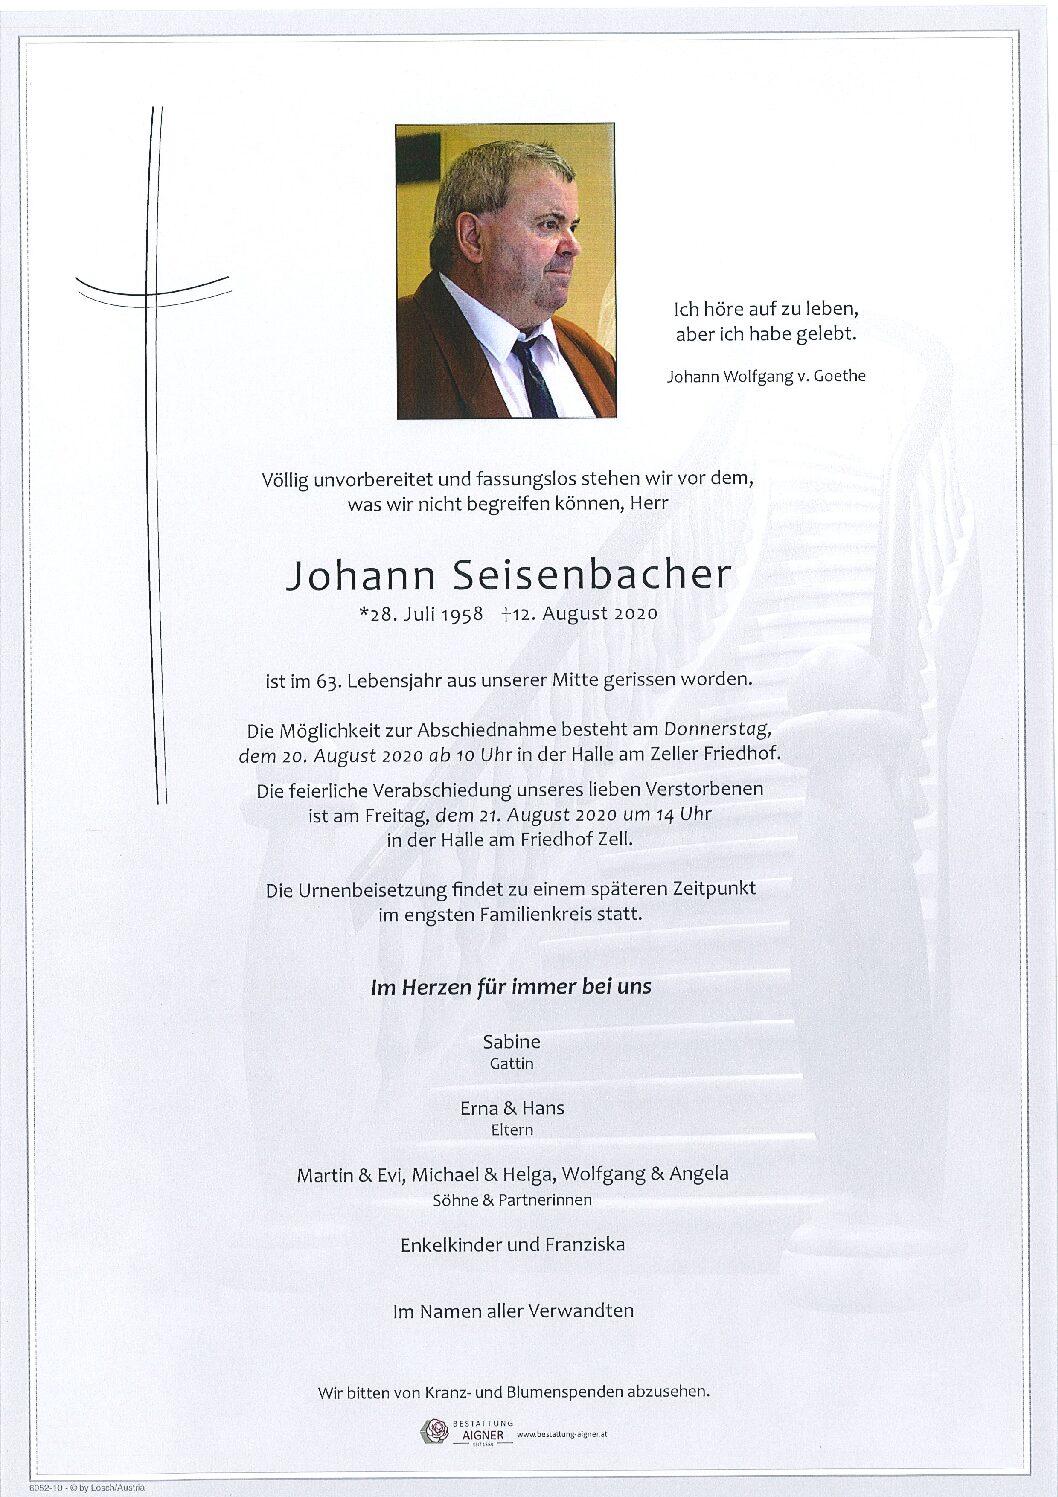 Johann Seisenbacher